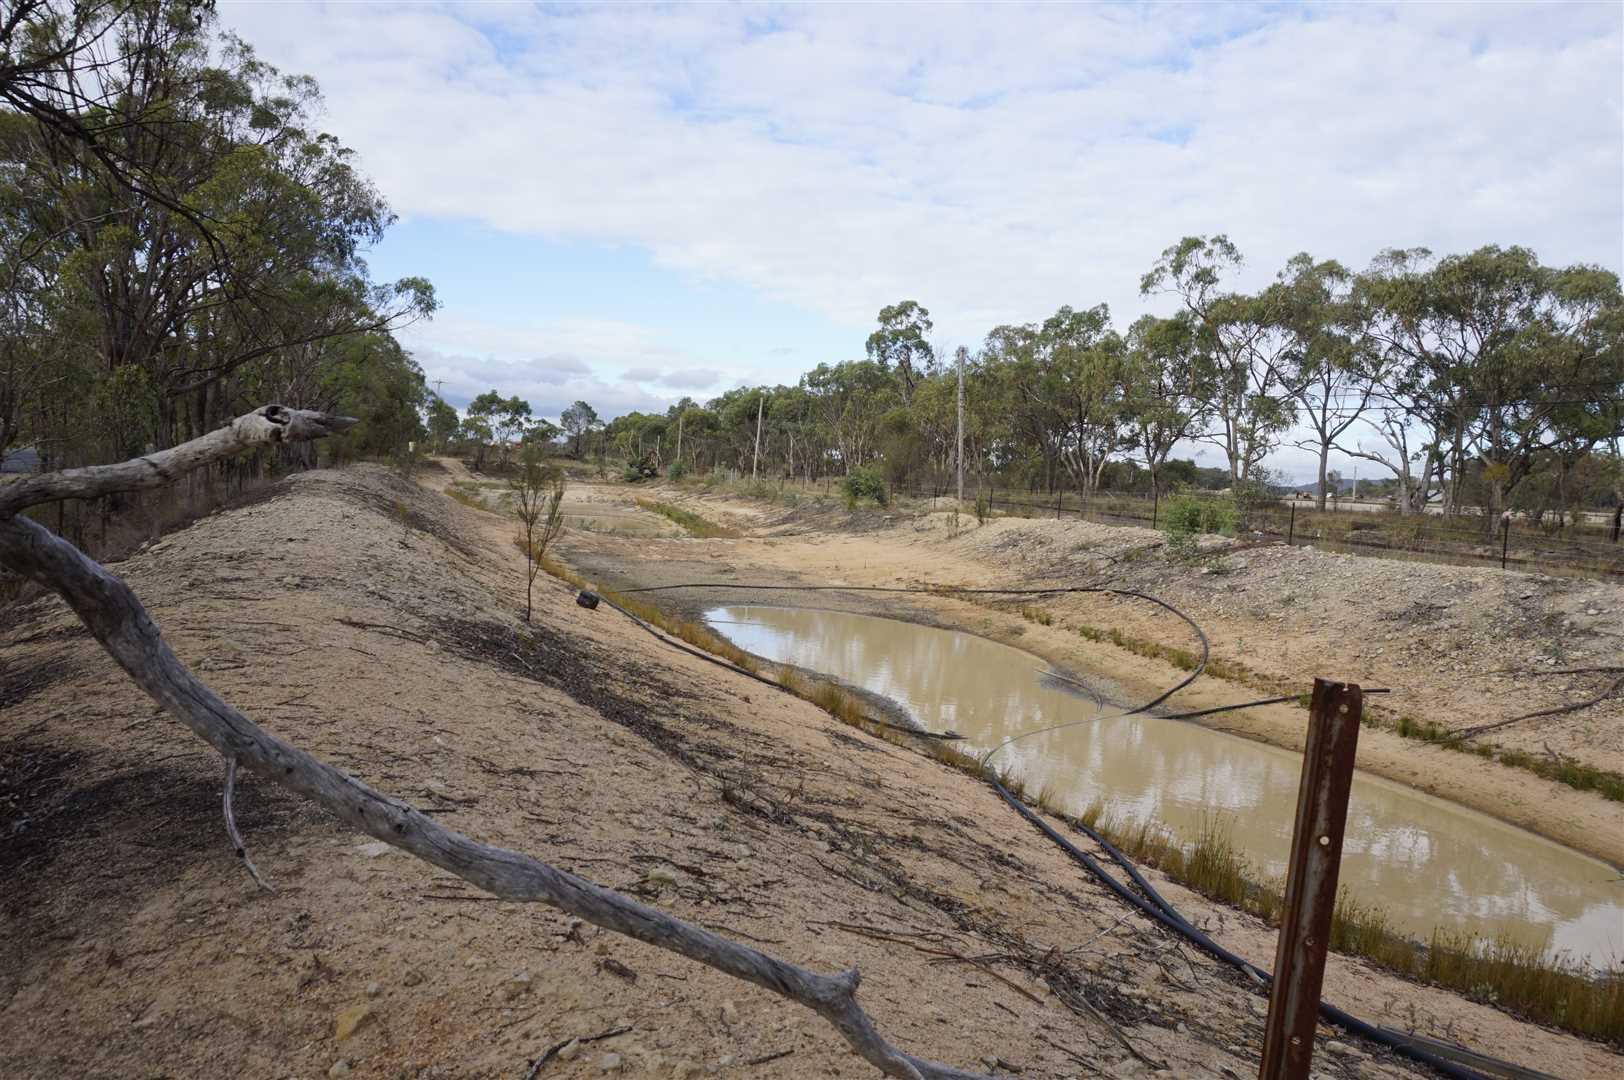 No 5 Dam